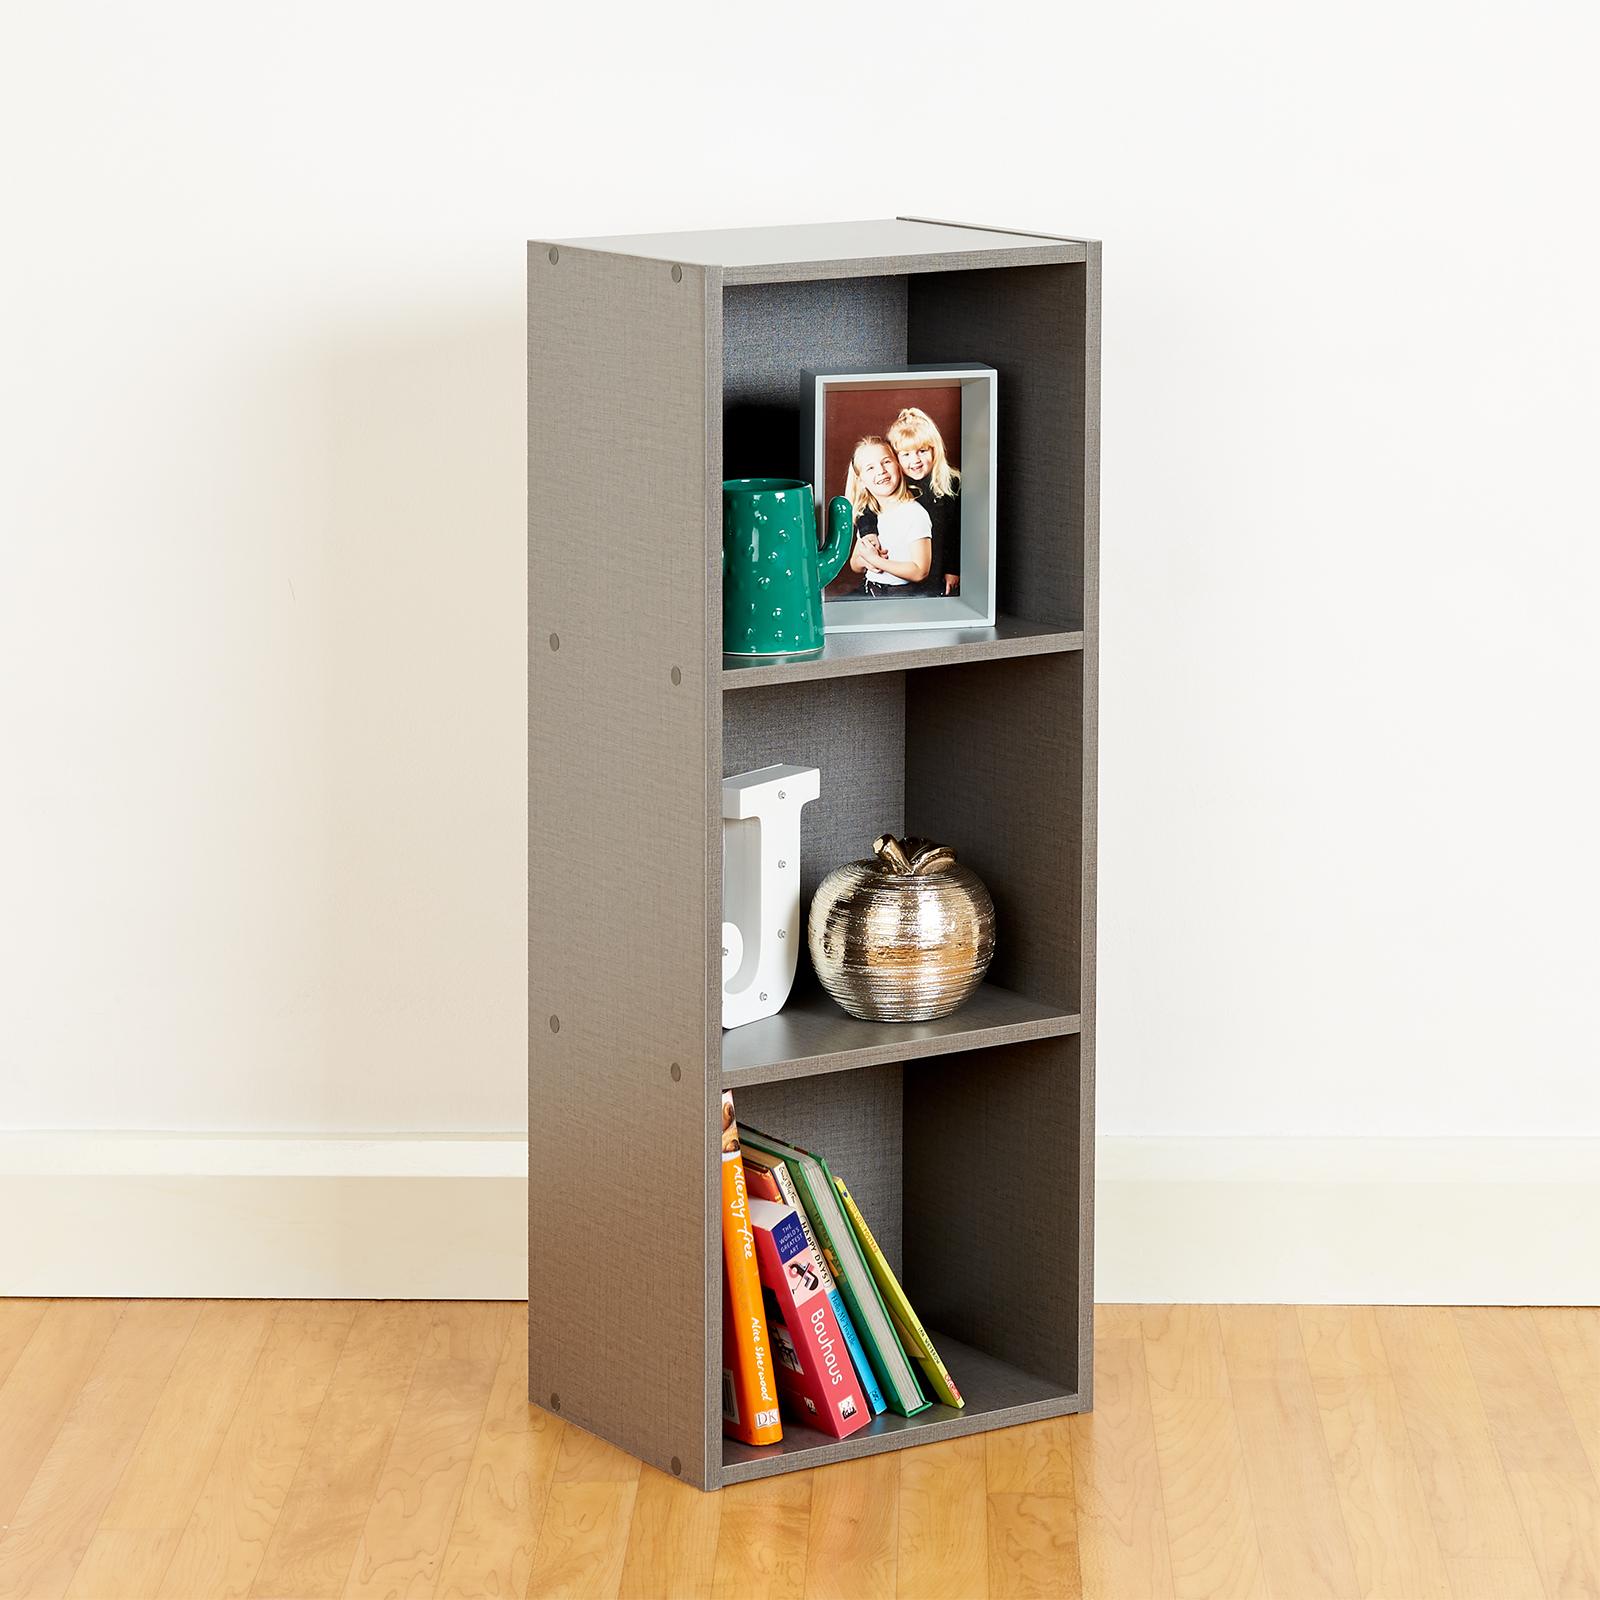 Détails Sur Roost Bibliothèque Etagère Gris Cube 3 Niveaux Rangement Salon/ Chambre/Cuisine